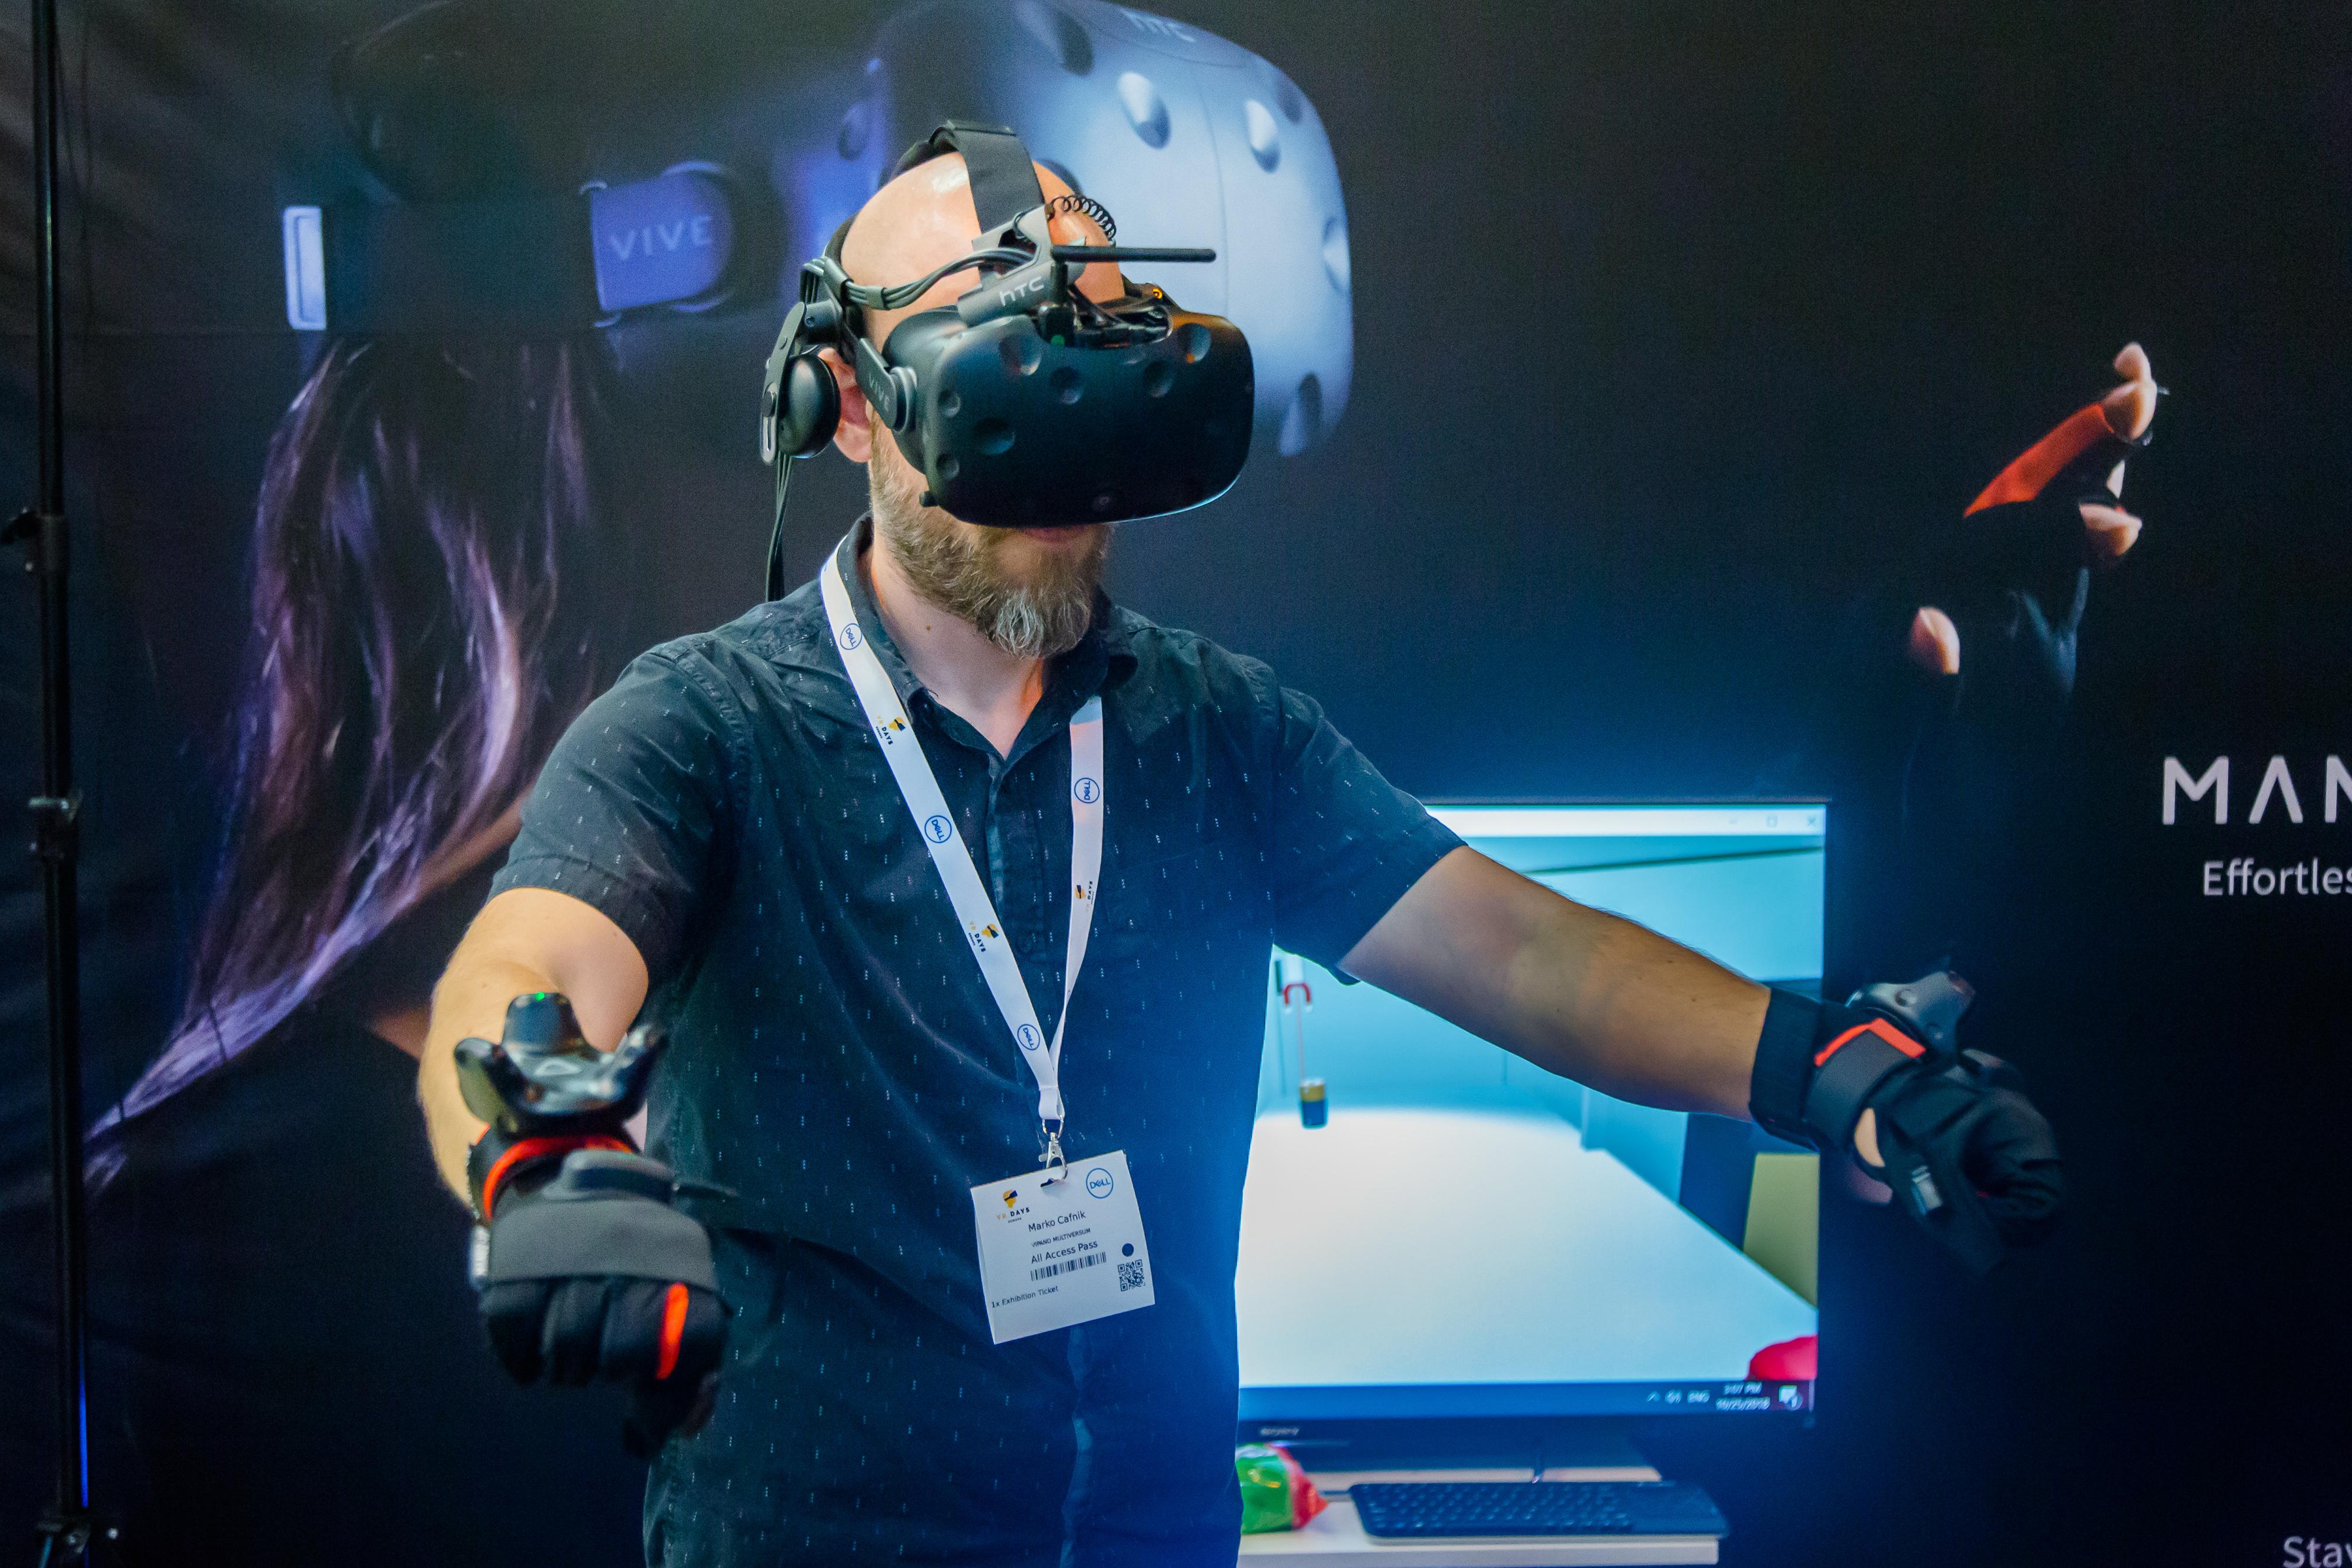 Des technologies connexes comme l'haptique pour faire avancer la VR aux VR Days